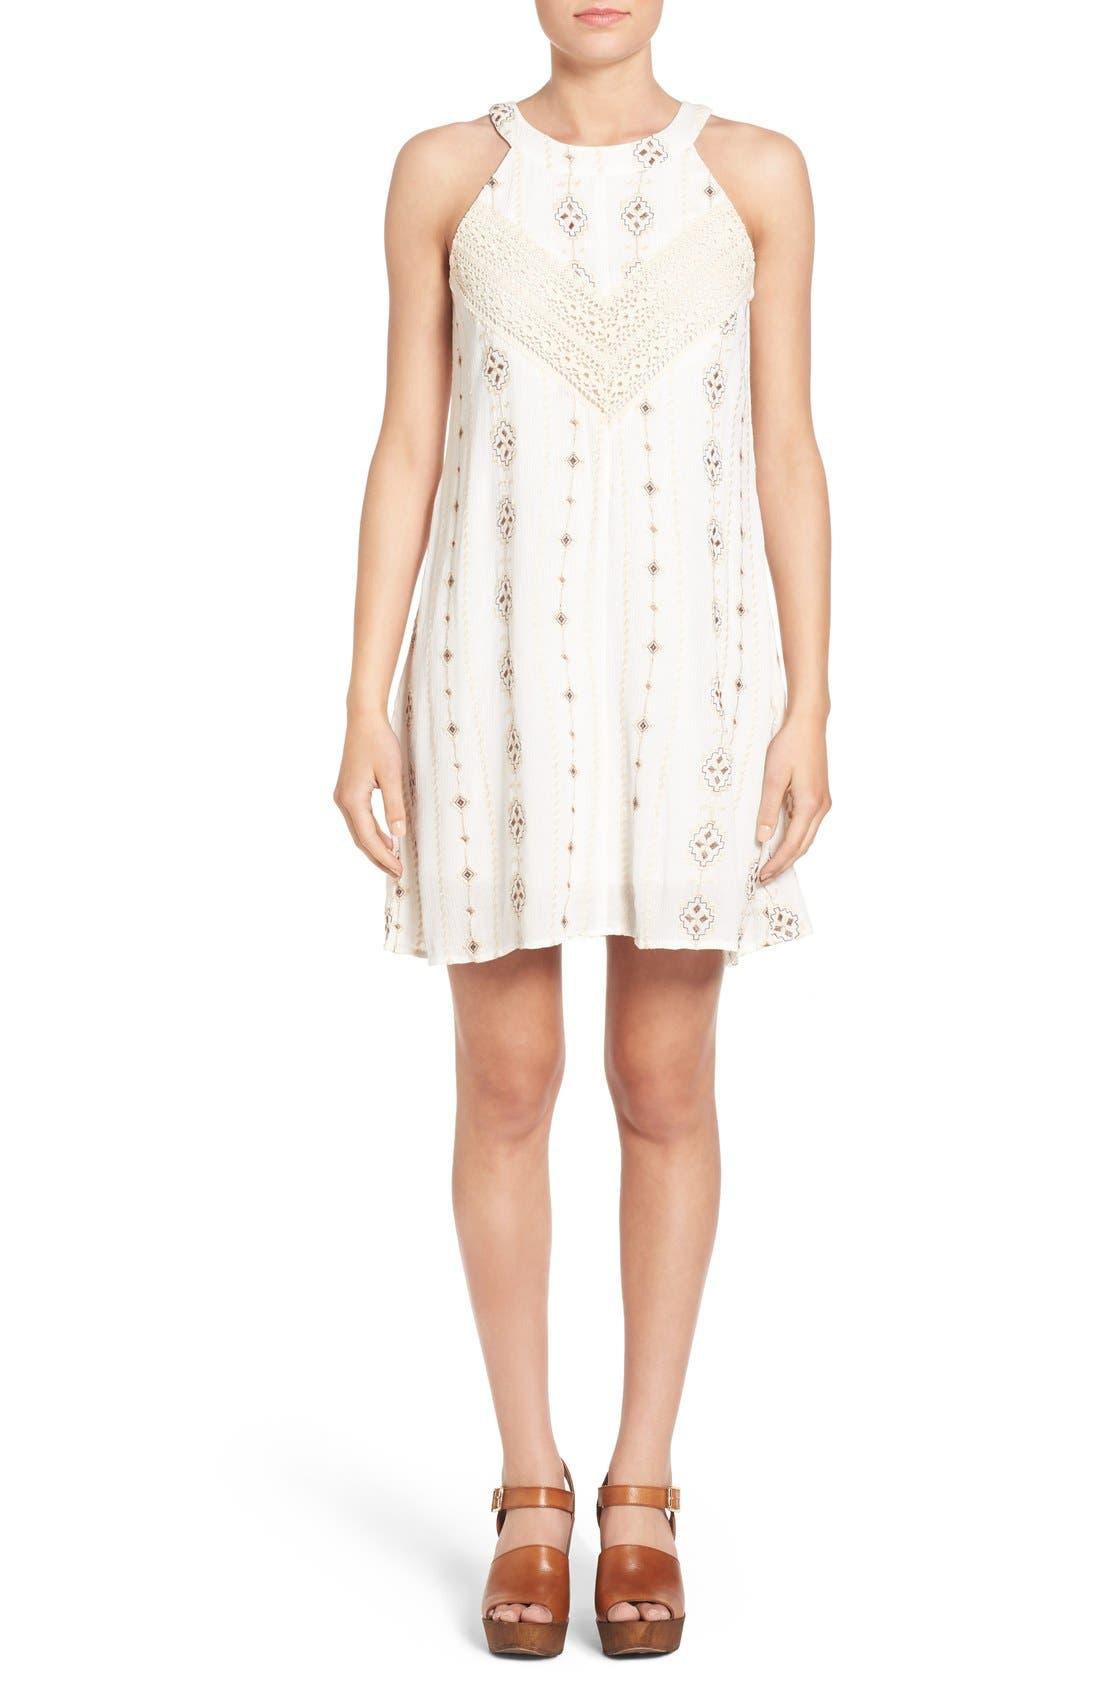 Alternate Image 1 Selected - Roxberi Elle Crochet Inset Embroidered Shift Dress